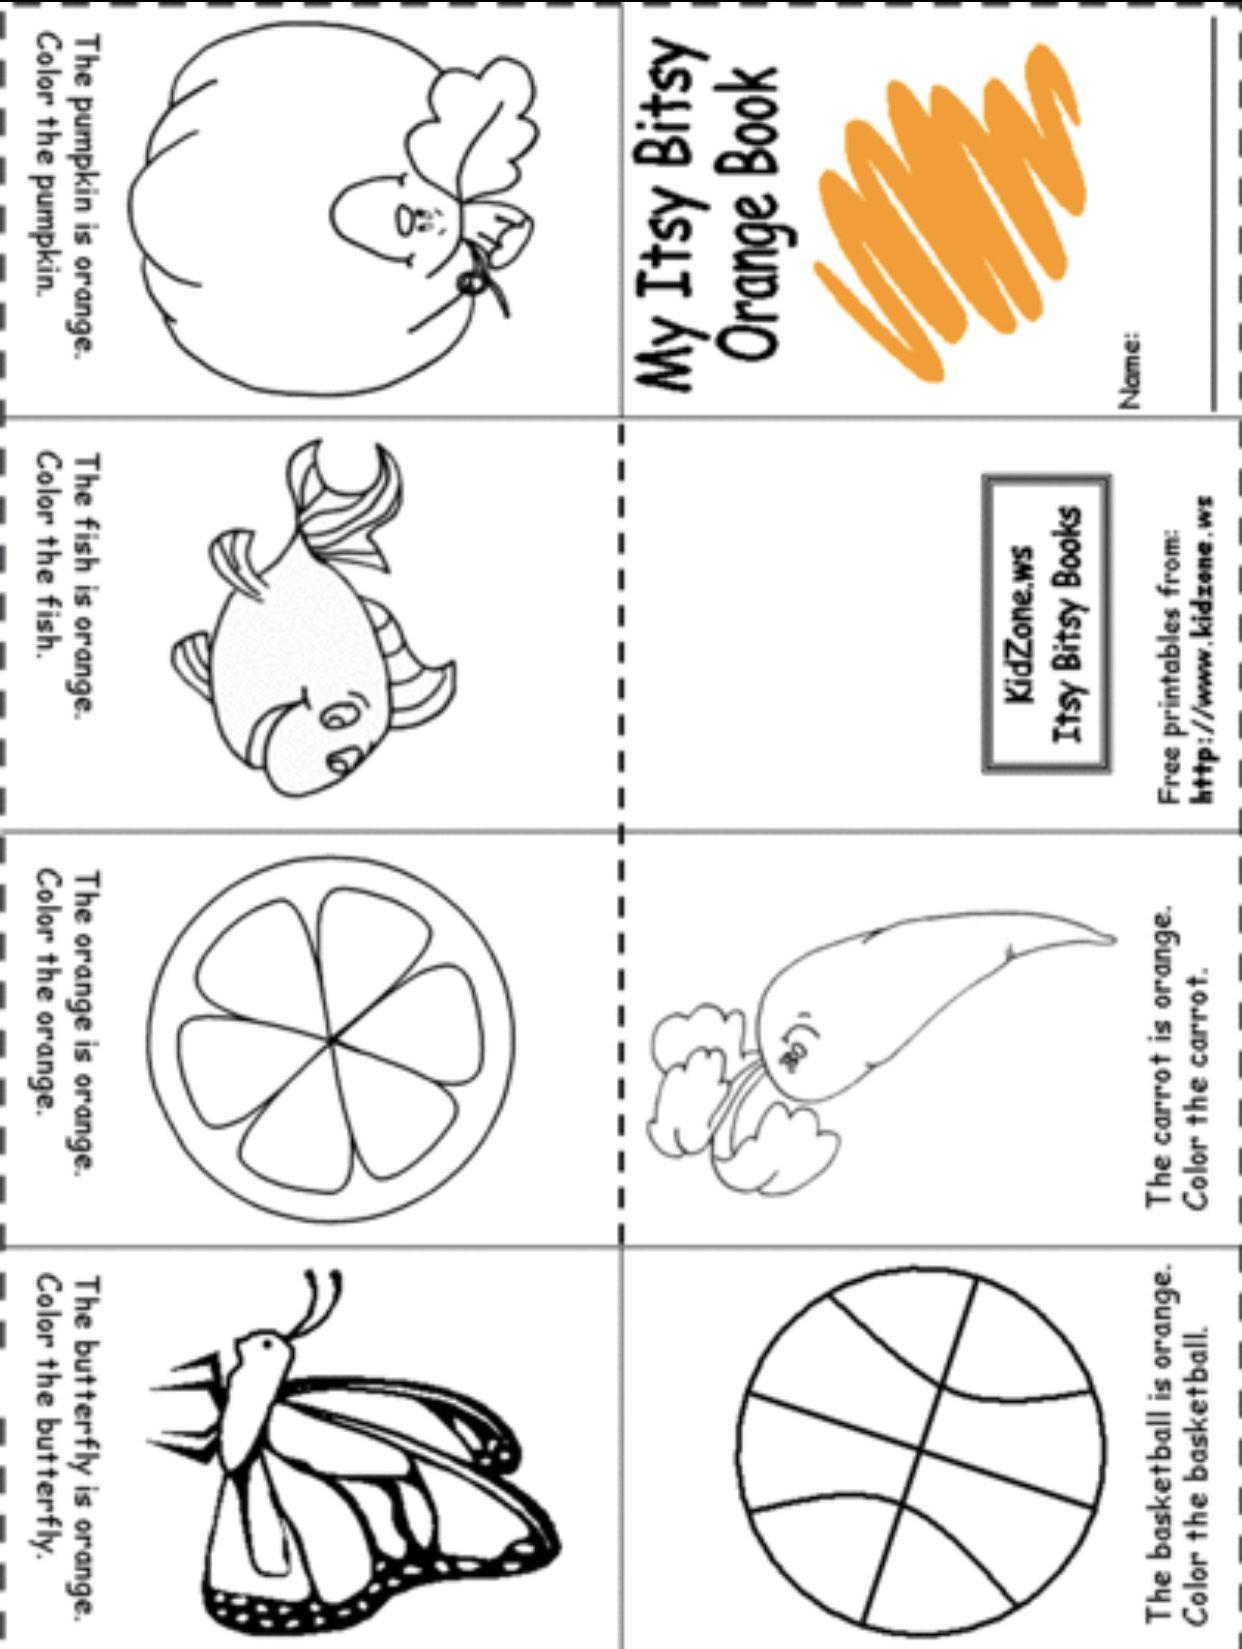 15 Best Activities Preschool Worksheets Images On Best